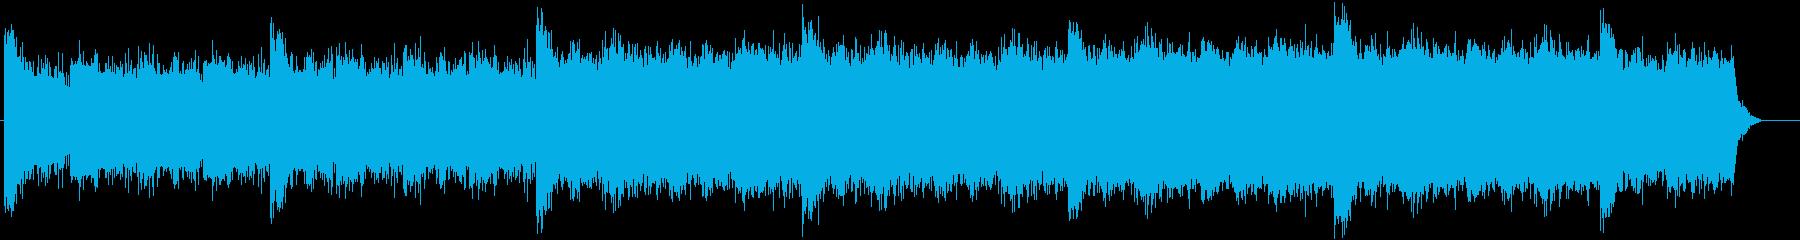 重厚な不穏感漂う不気味なBGMの再生済みの波形